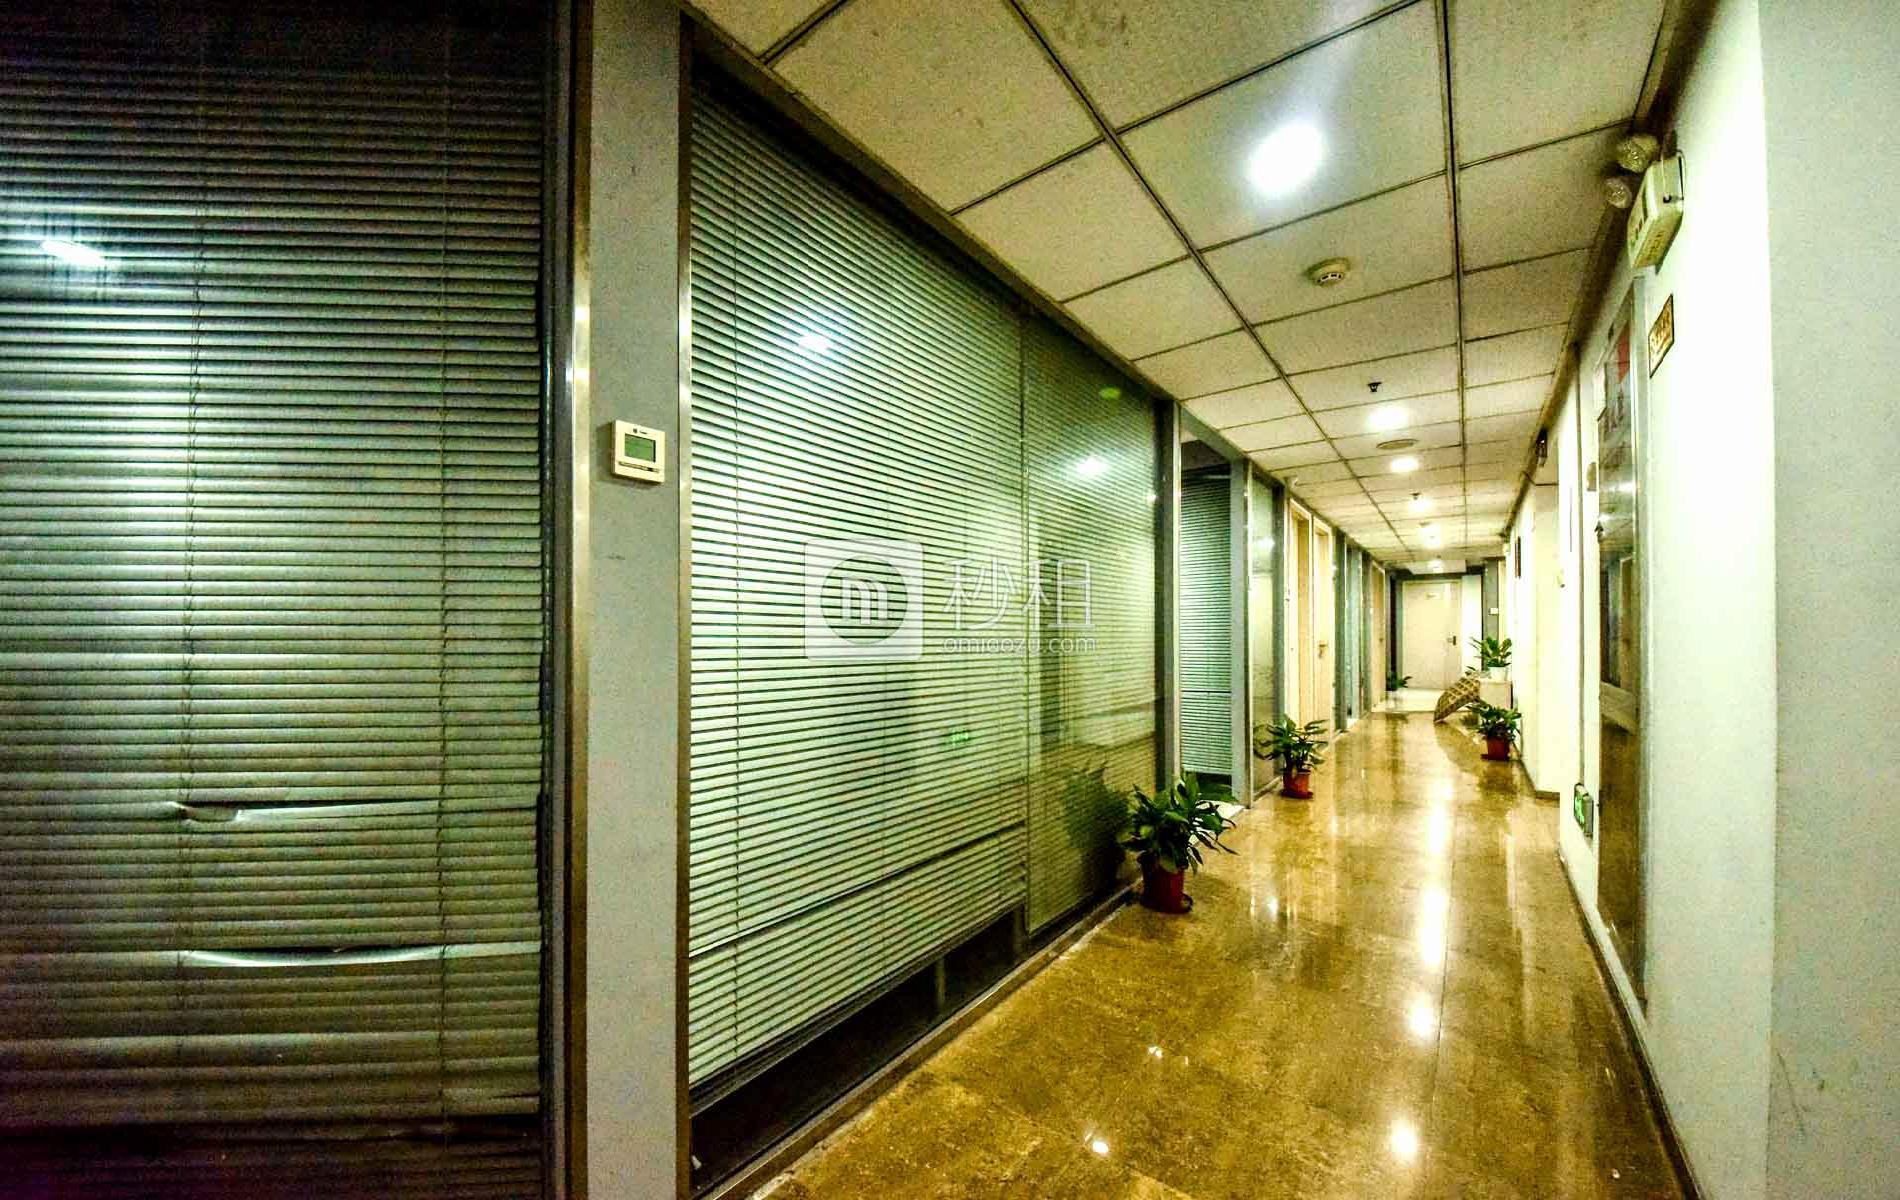 中关村科技大厦写字楼出租/招租/租赁,中关村科技大厦办公室出租/招租/租赁